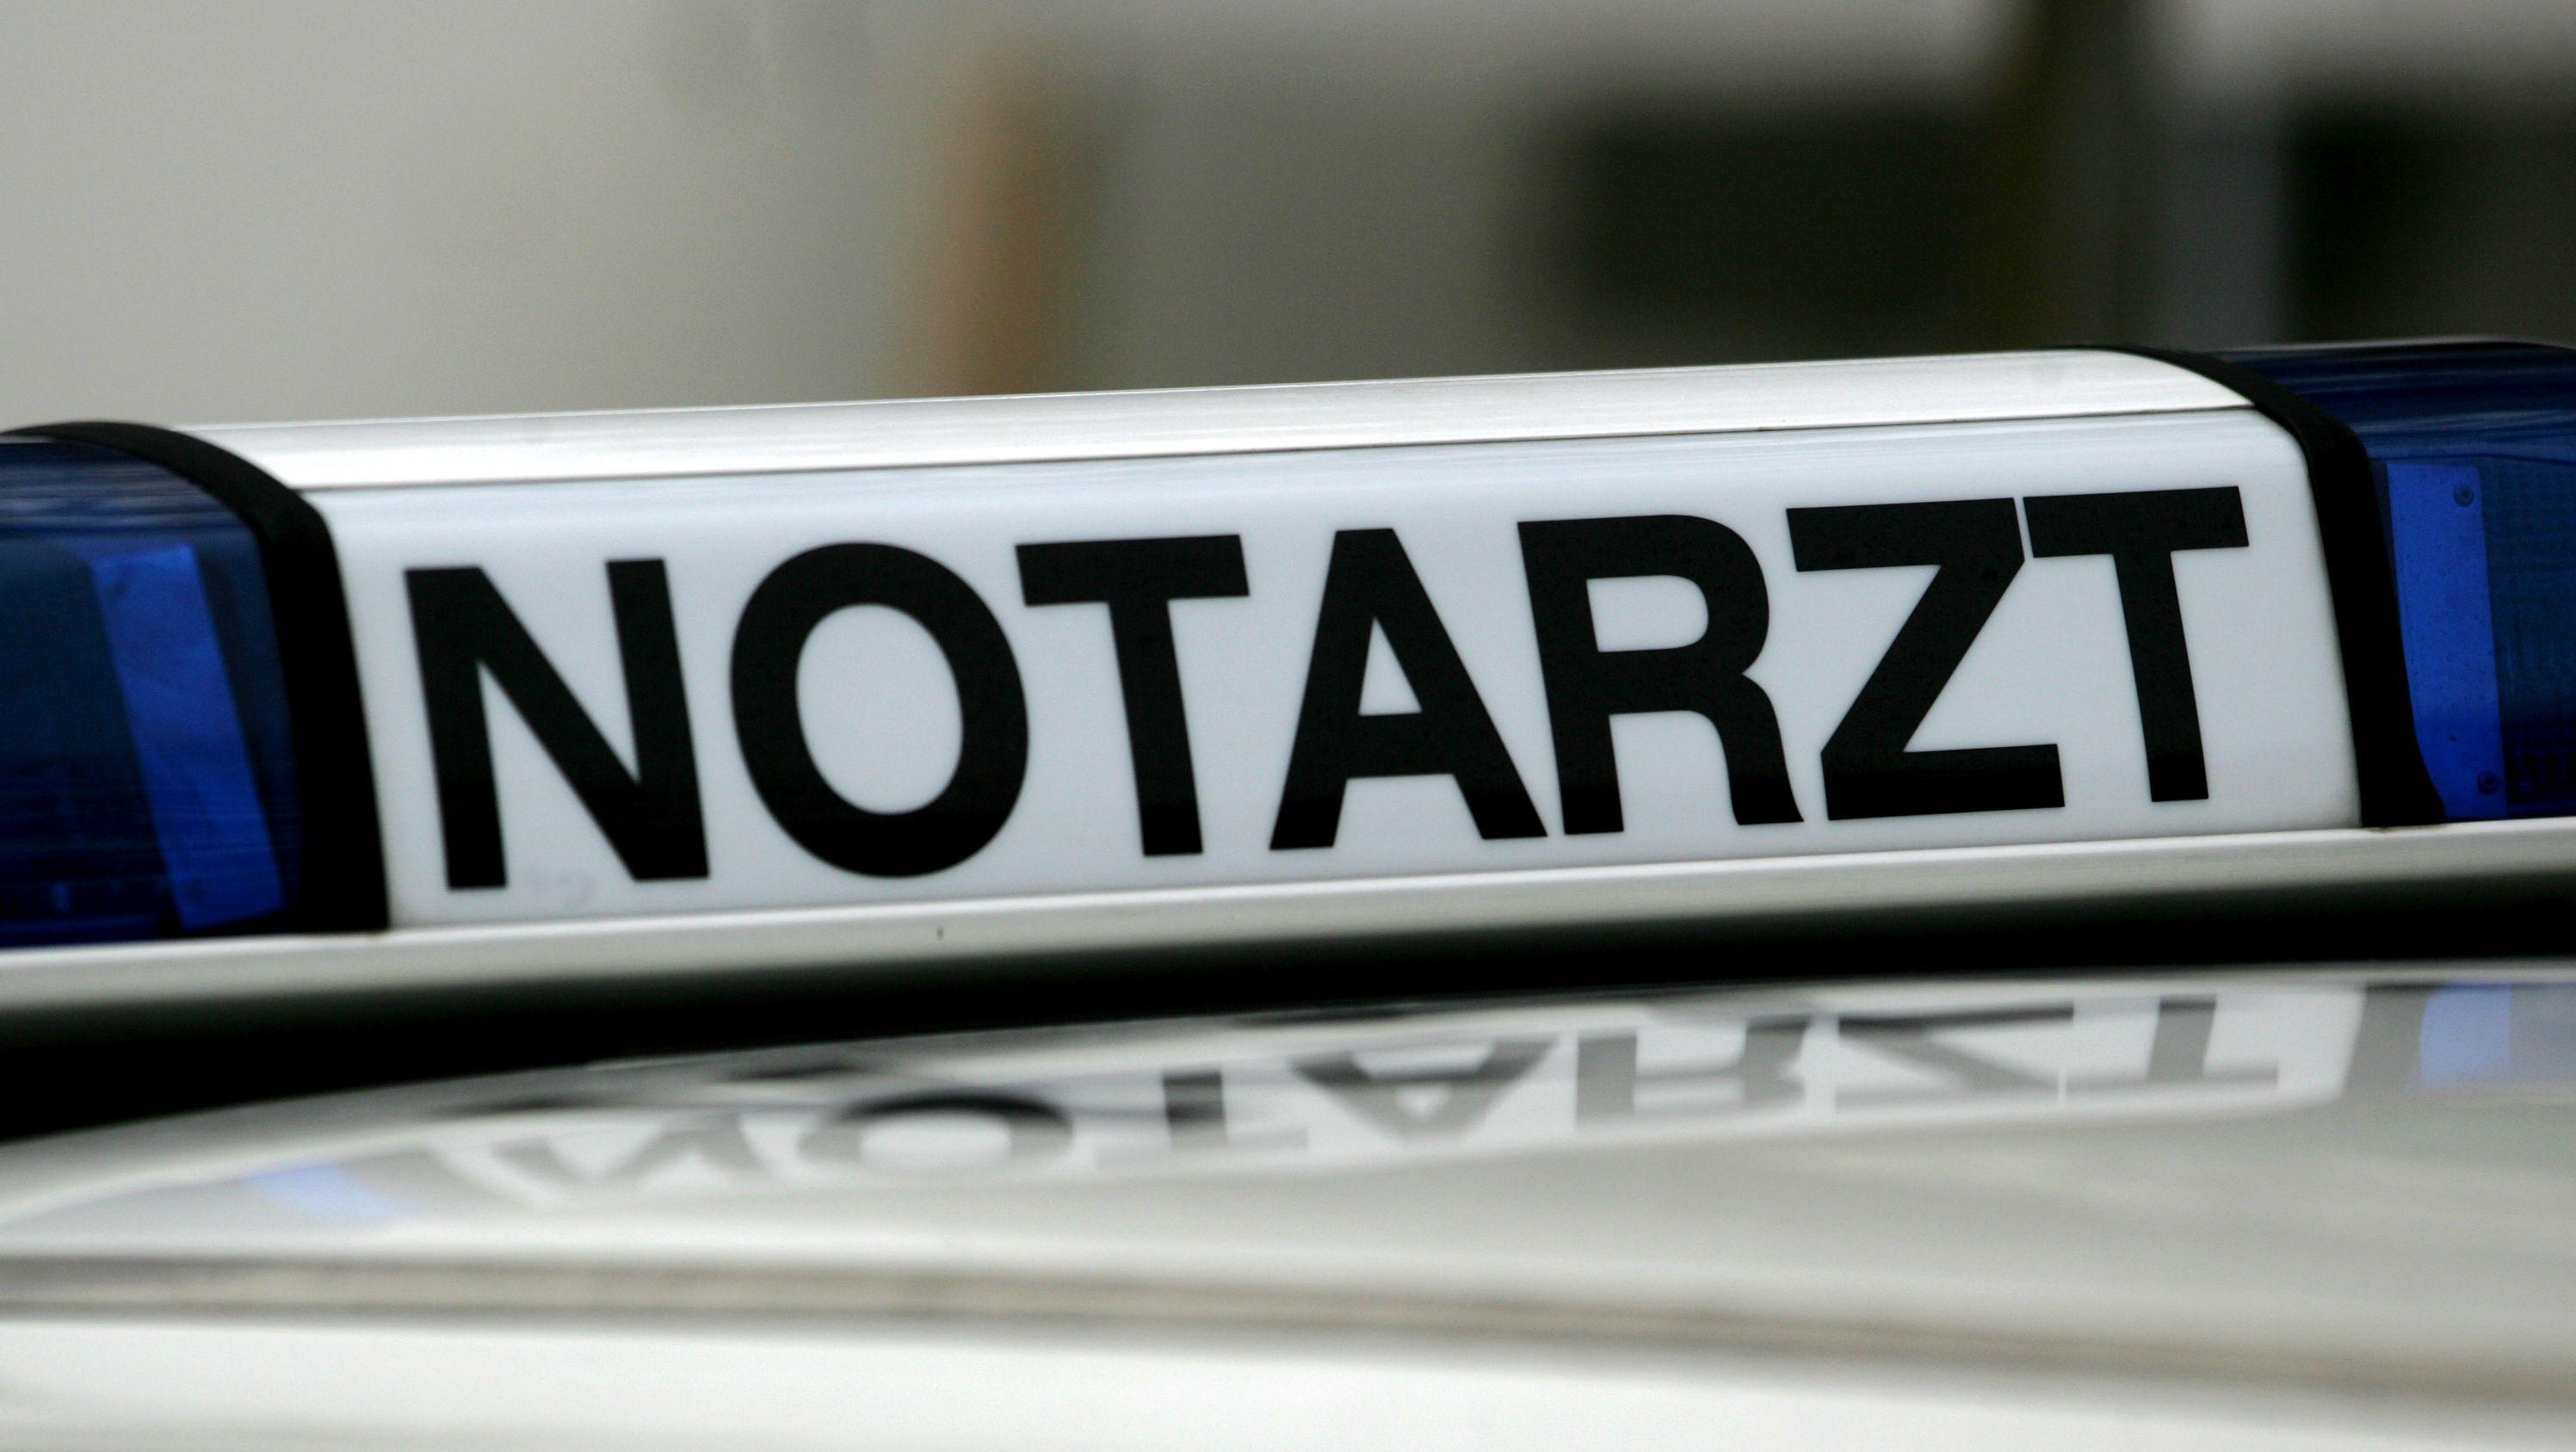 Notarzt-Fahrzeug (Symbolbild)